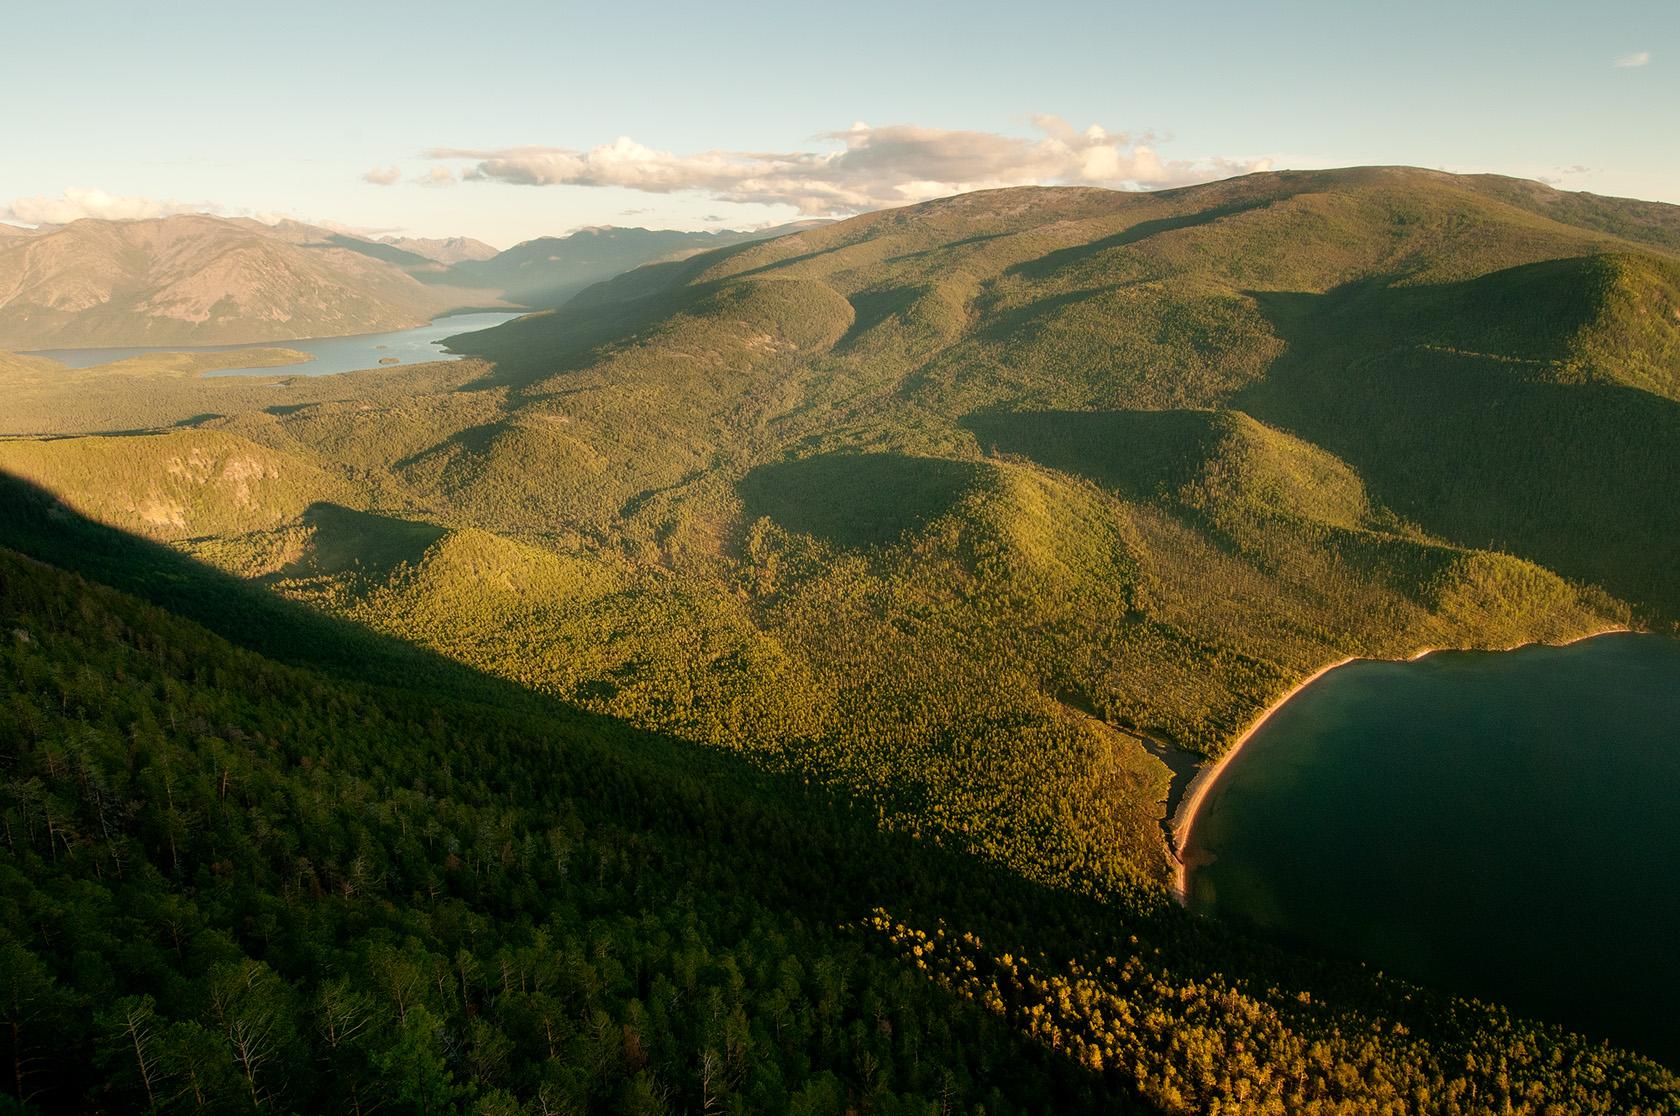 Bajkal a zátoka Ajaja